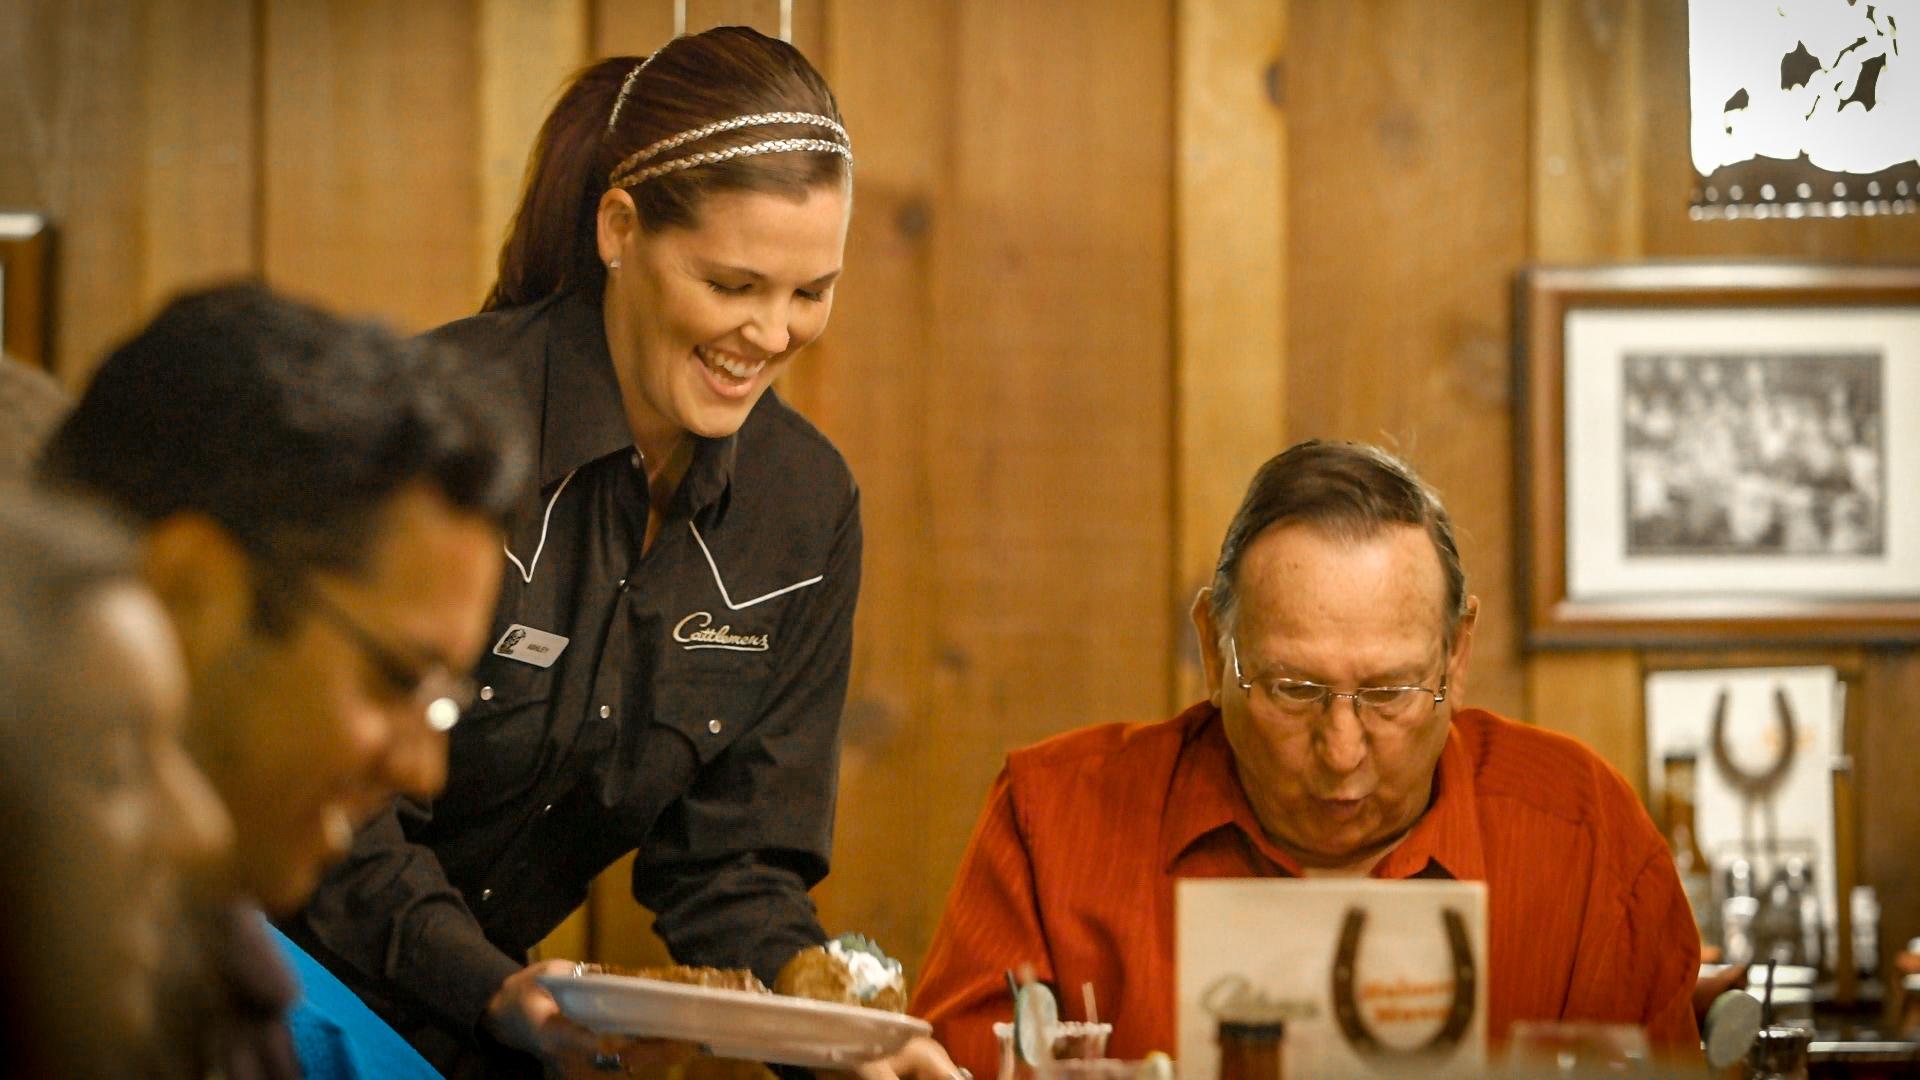 Cattlemens server, serving guest